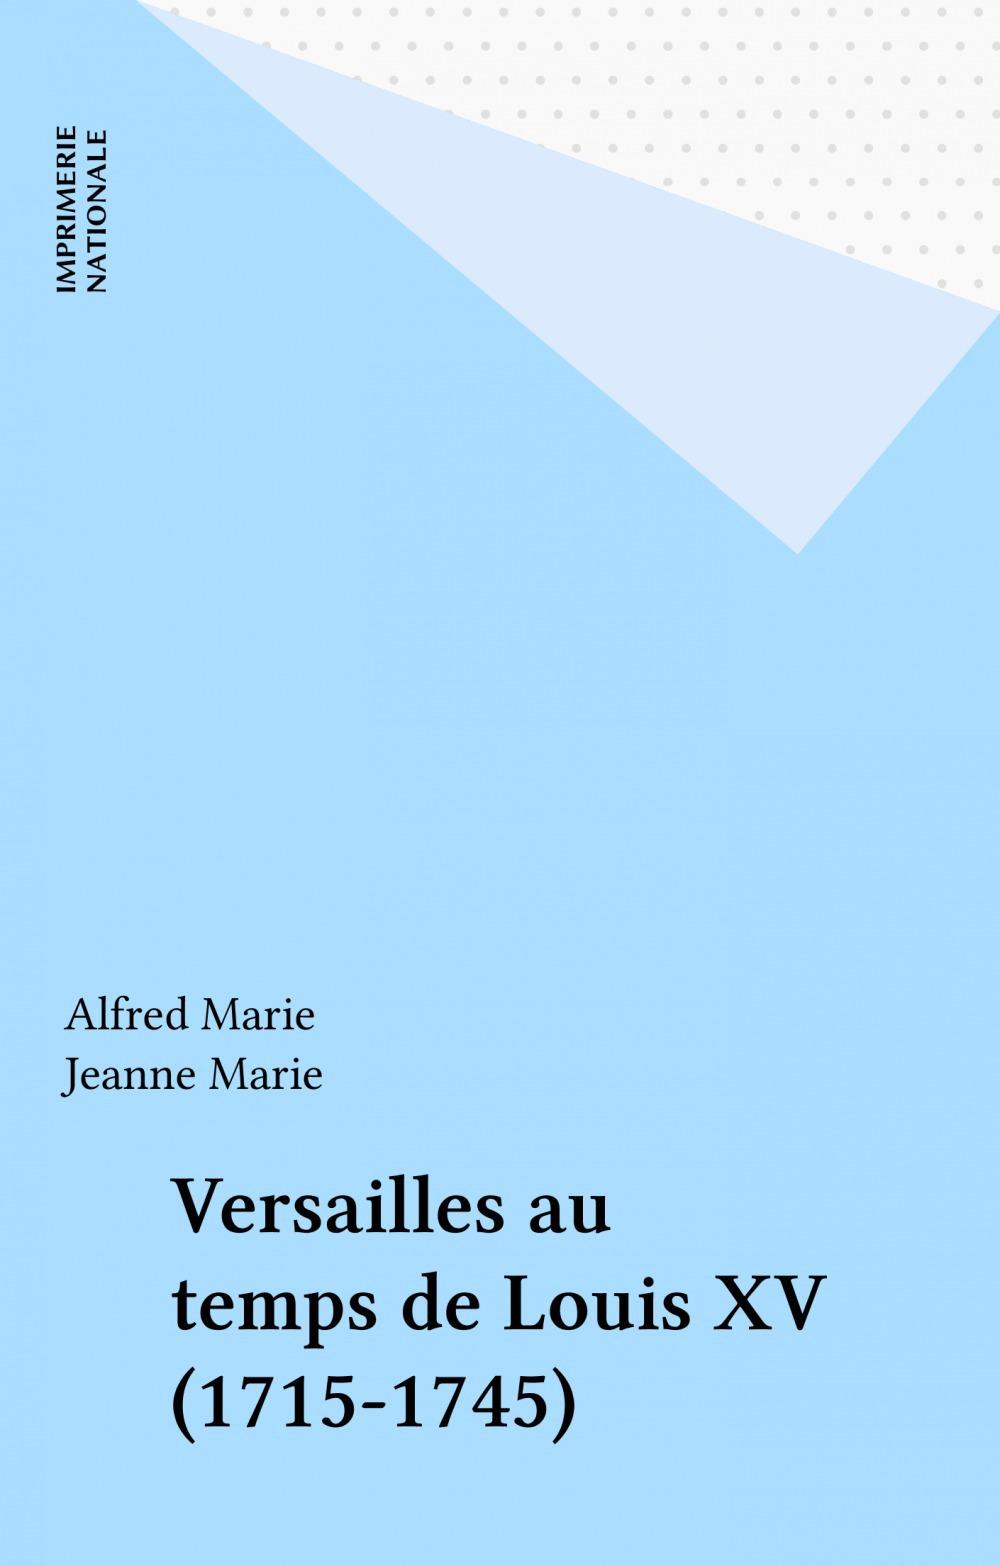 Versailles au temps de louis xv